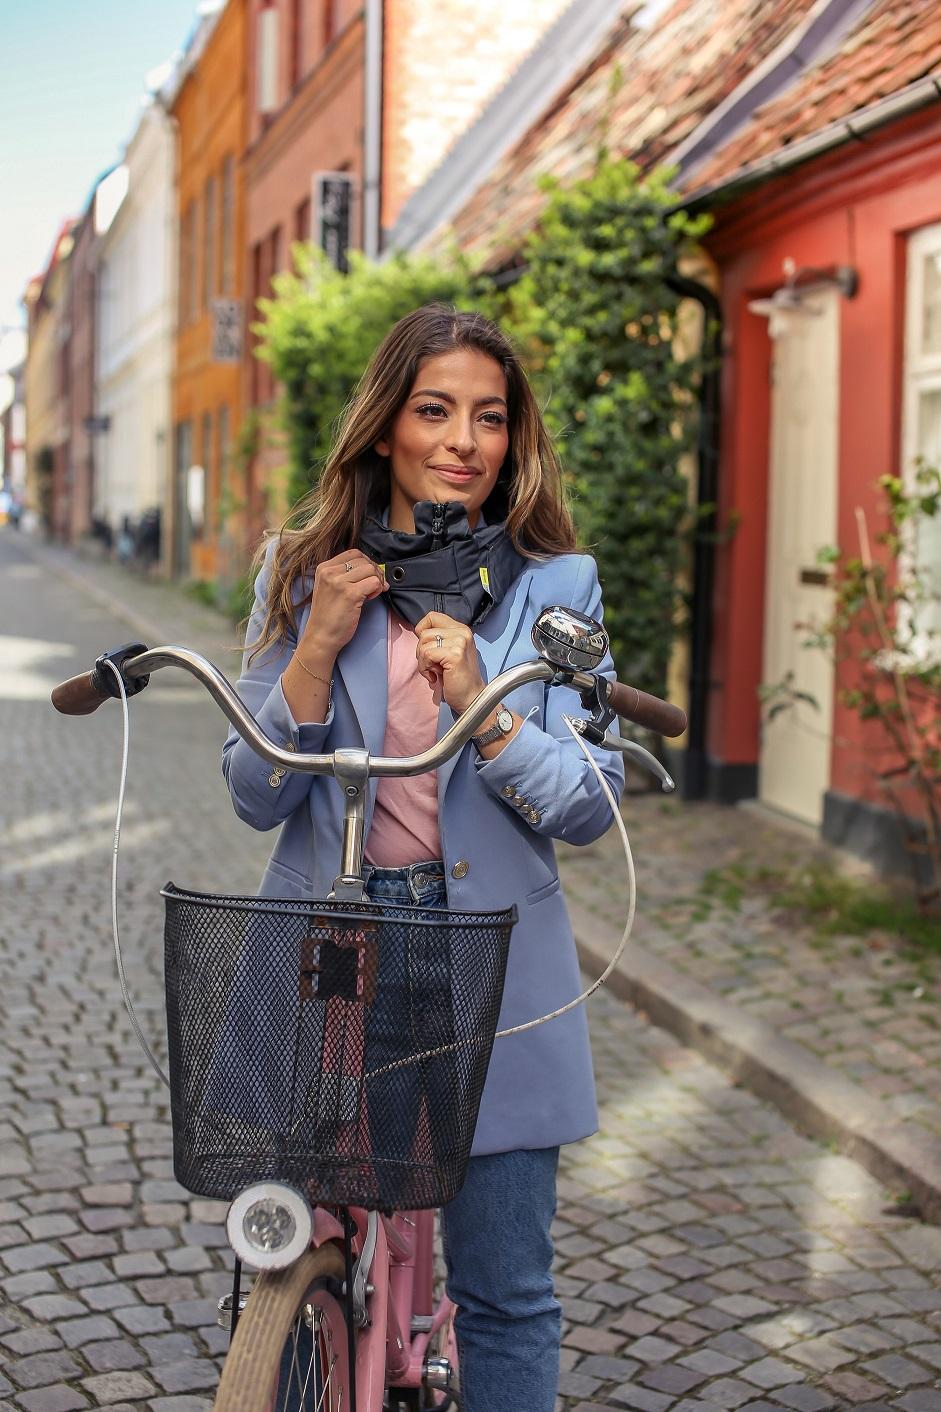 Viele Radfahrer wählen Hövding